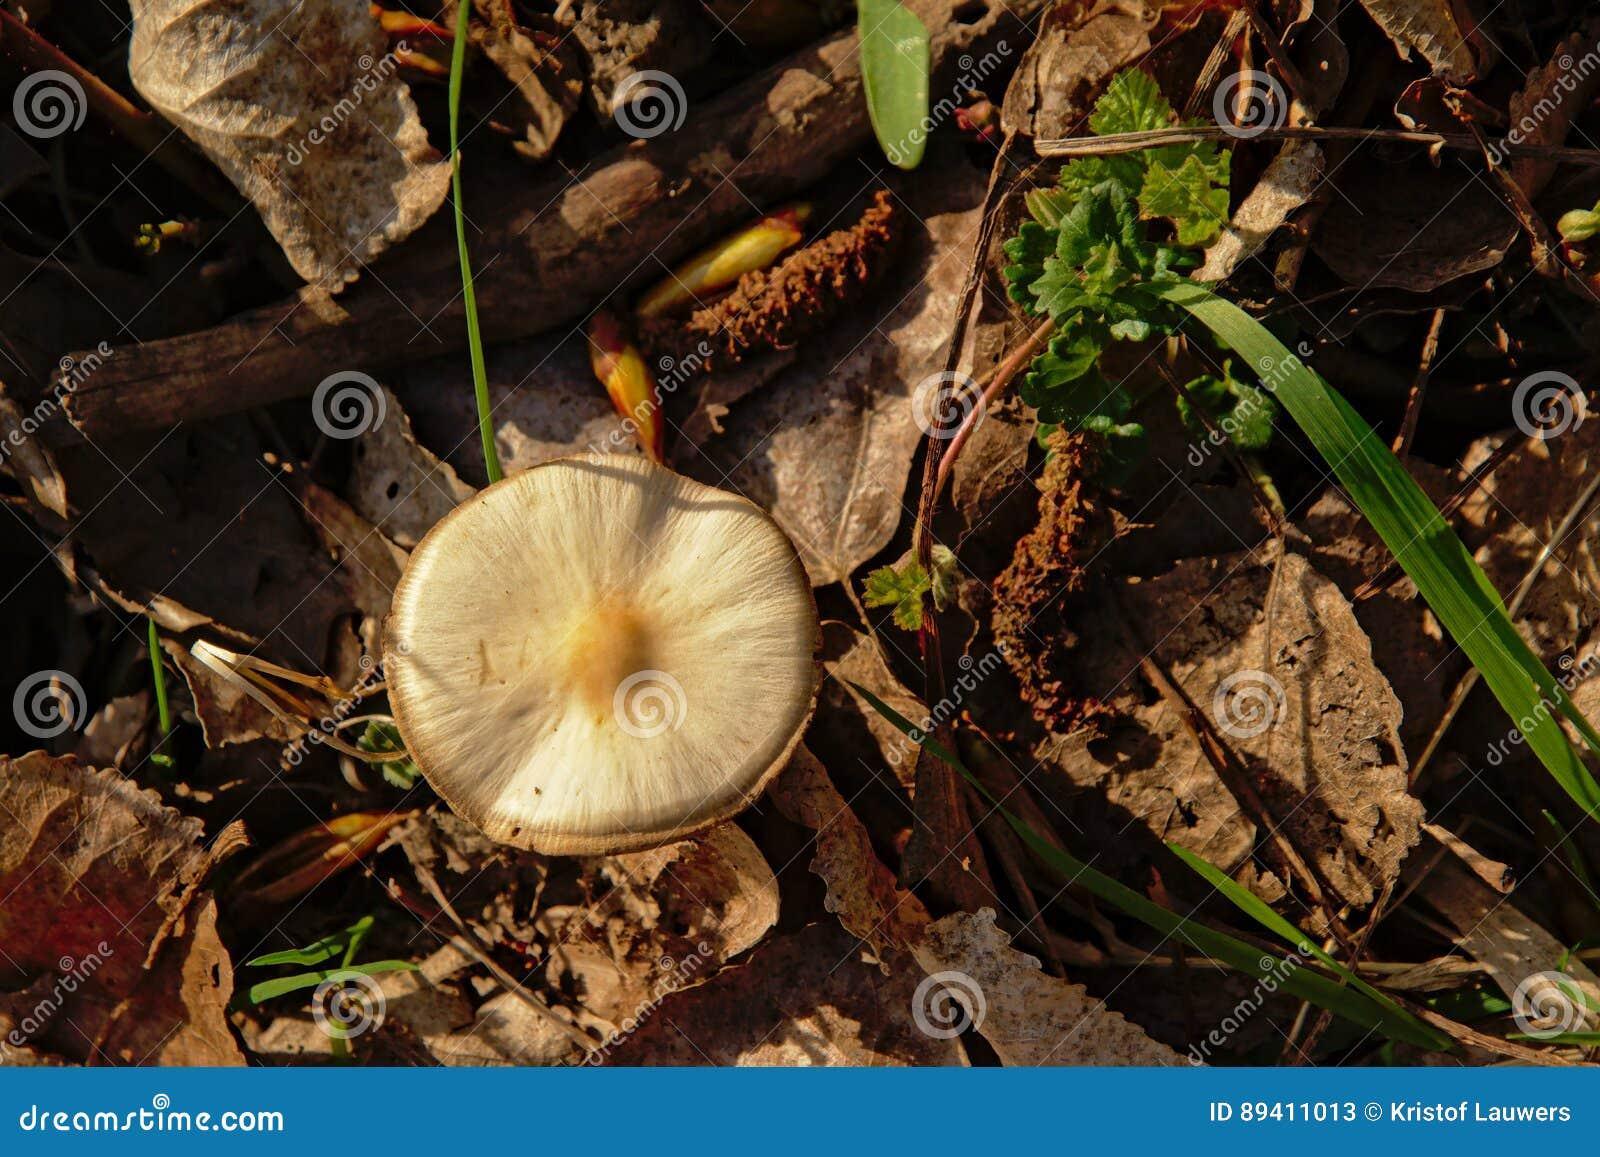 Cogumelo do amanita na floresta